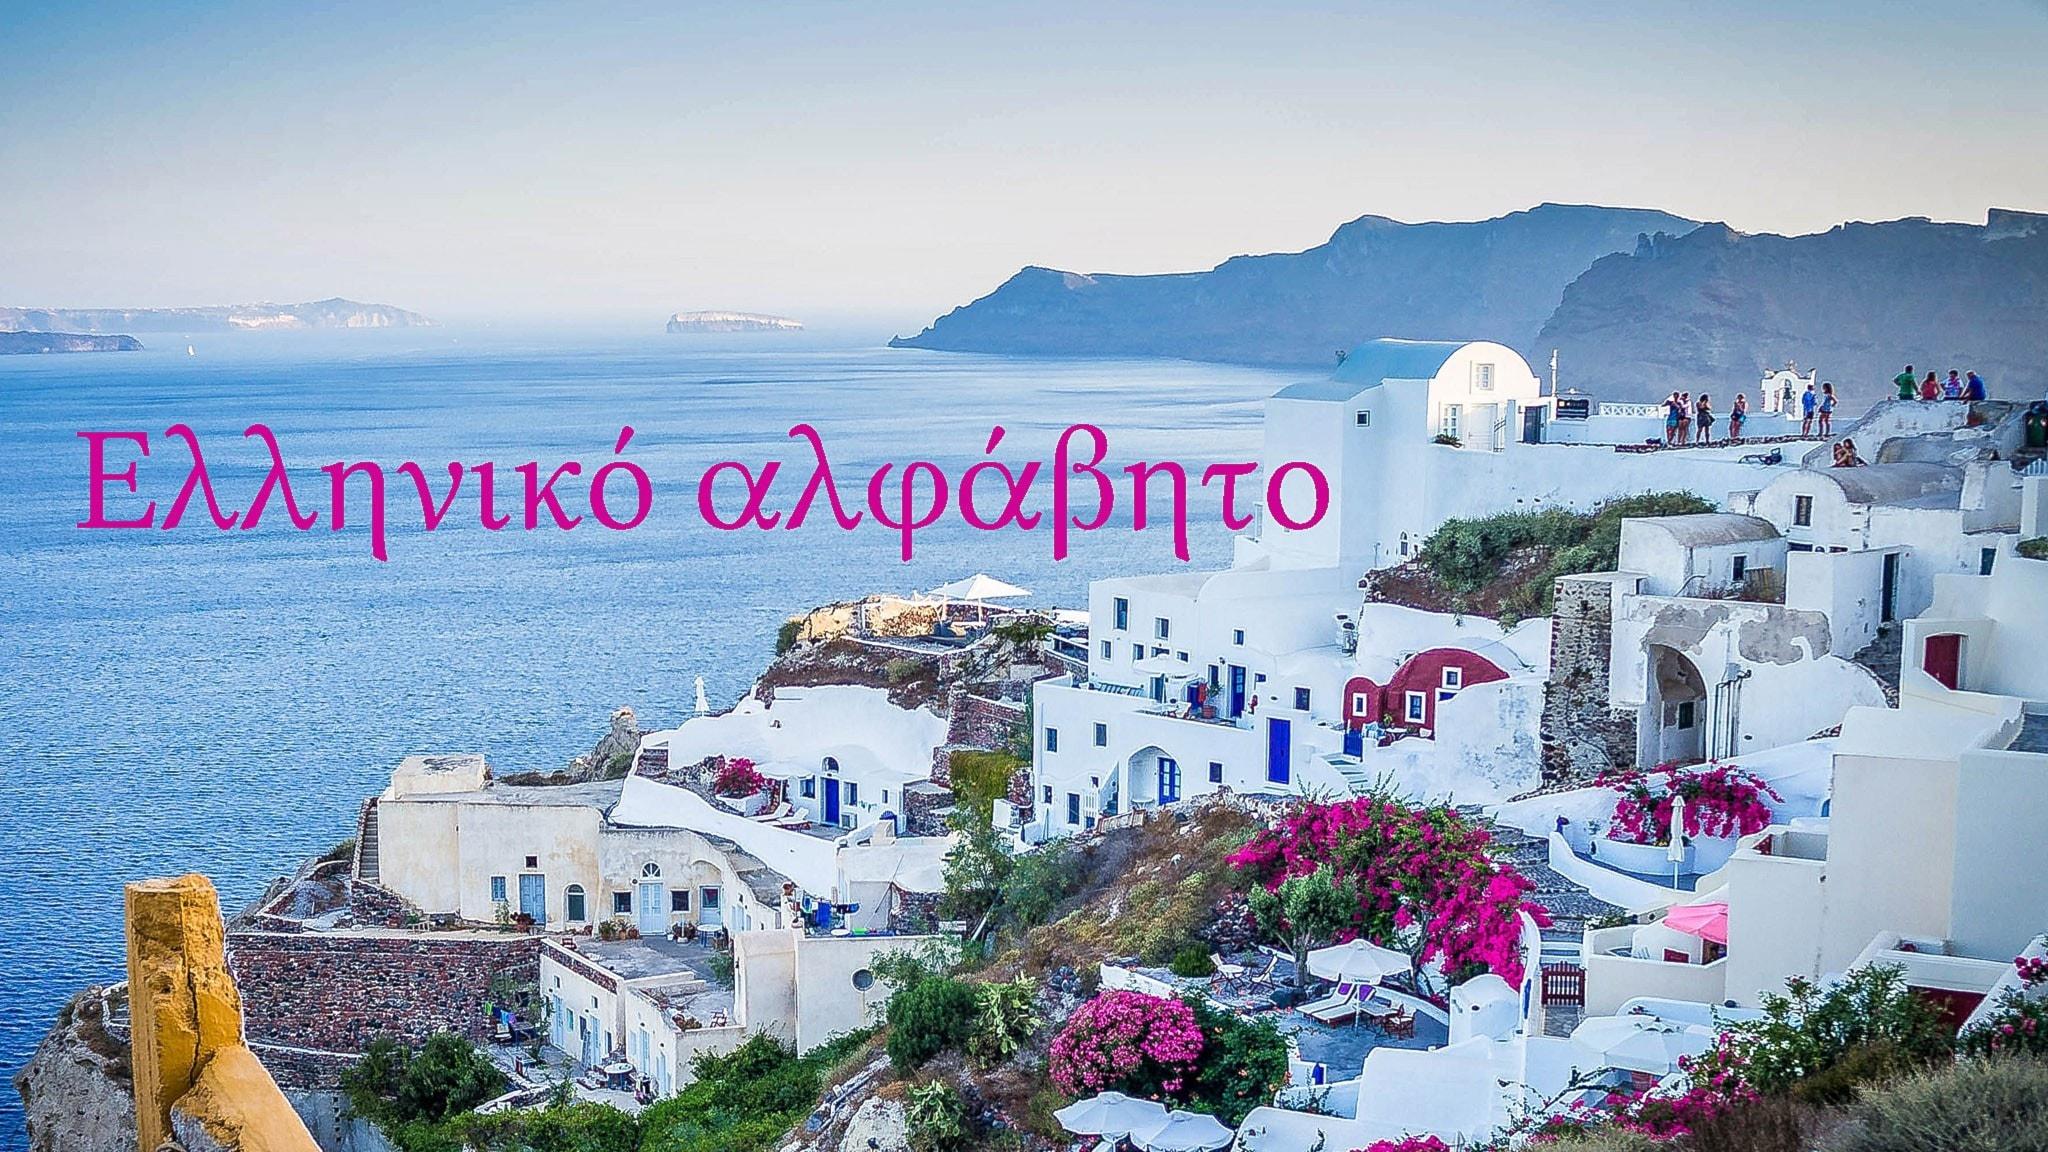 """Vy från en grekisk by med text på grekiska som betyder """"Grekiska alfabetet"""""""